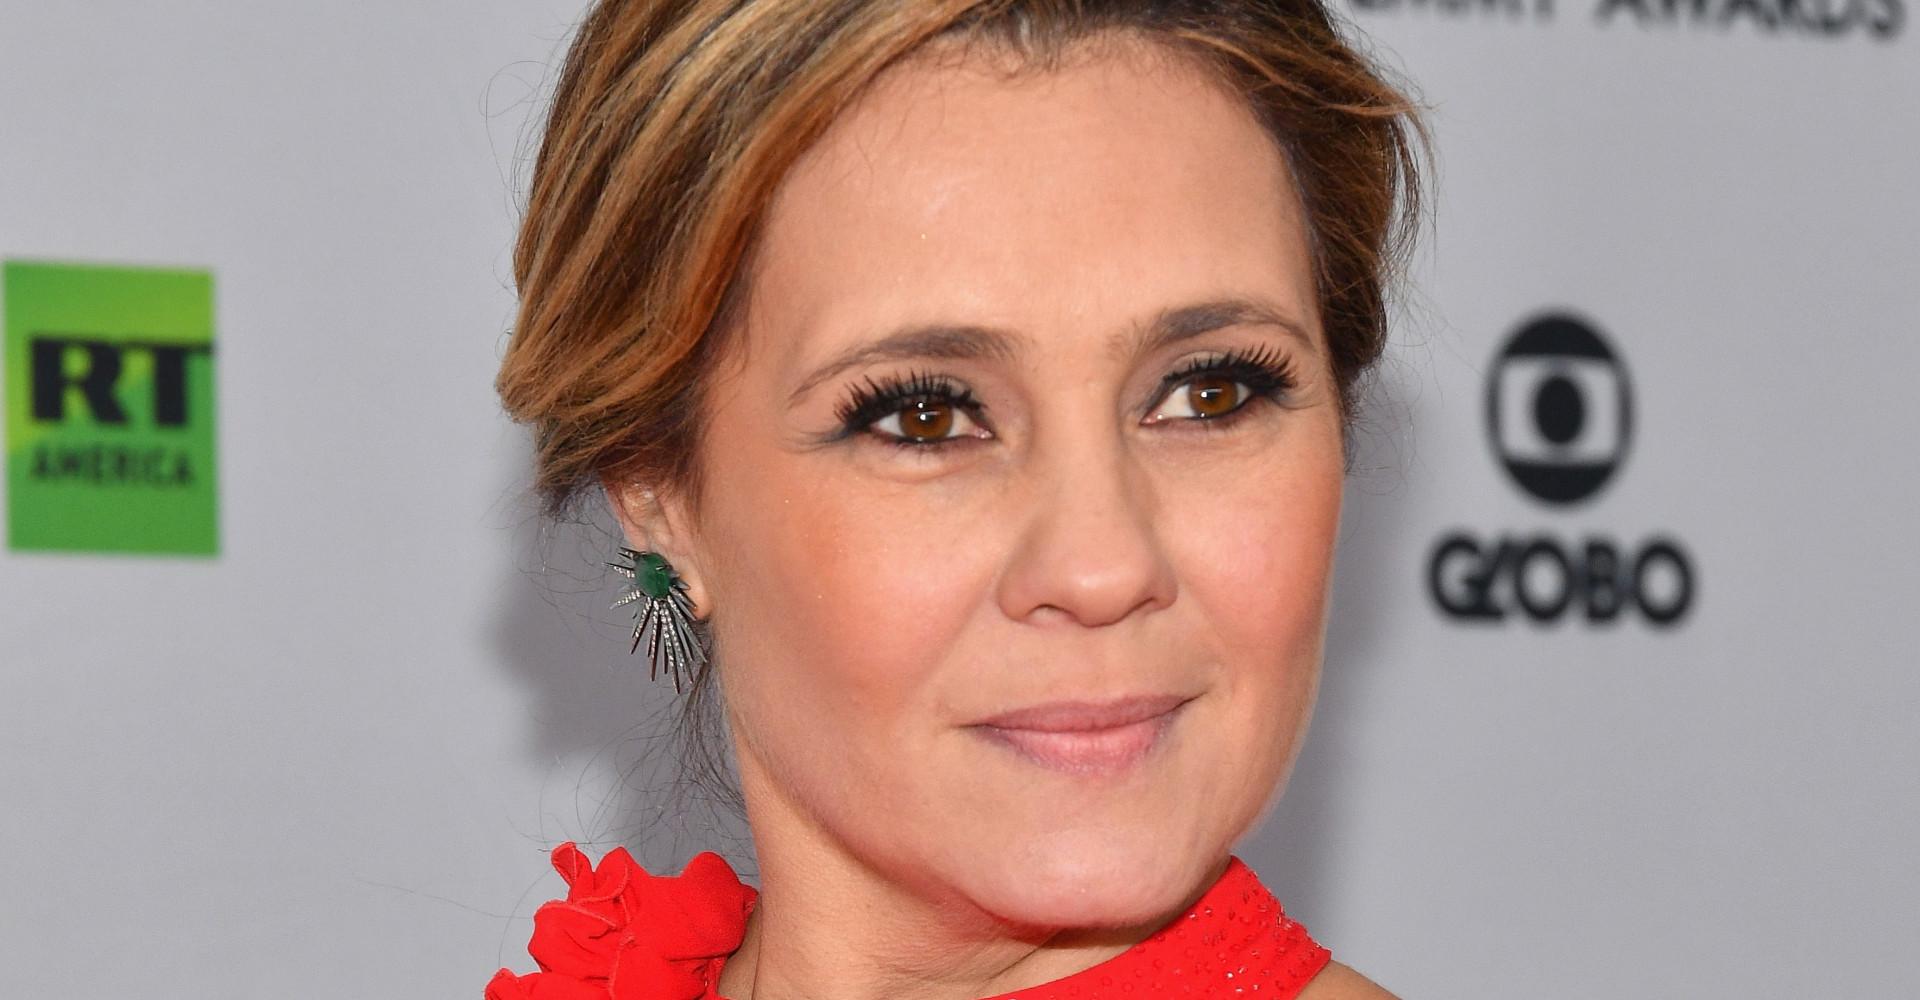 Emendando trabalhos, Adriana Esteves é escalada para nova novela na Globo